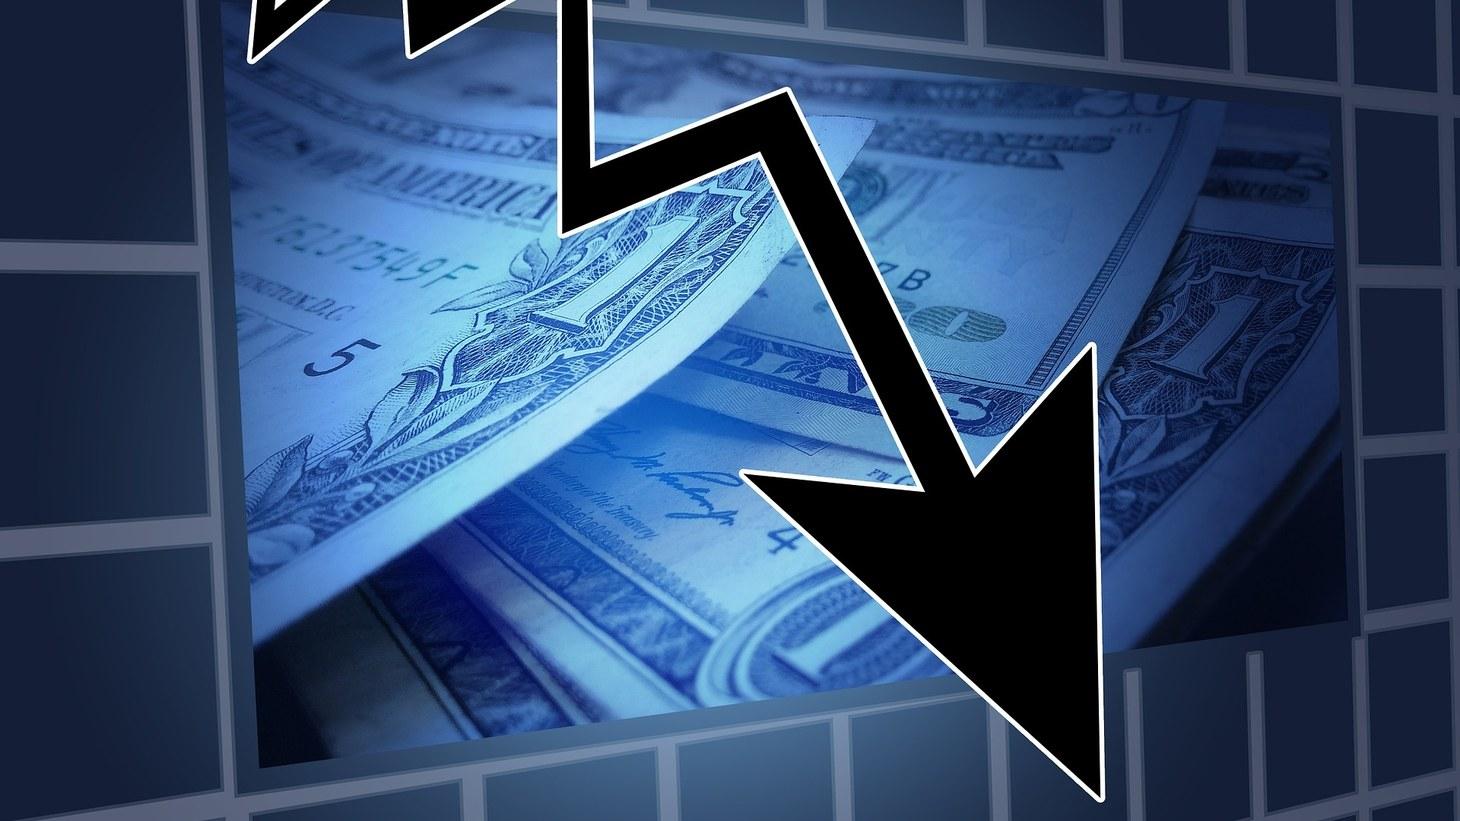 Stocks downward trend.